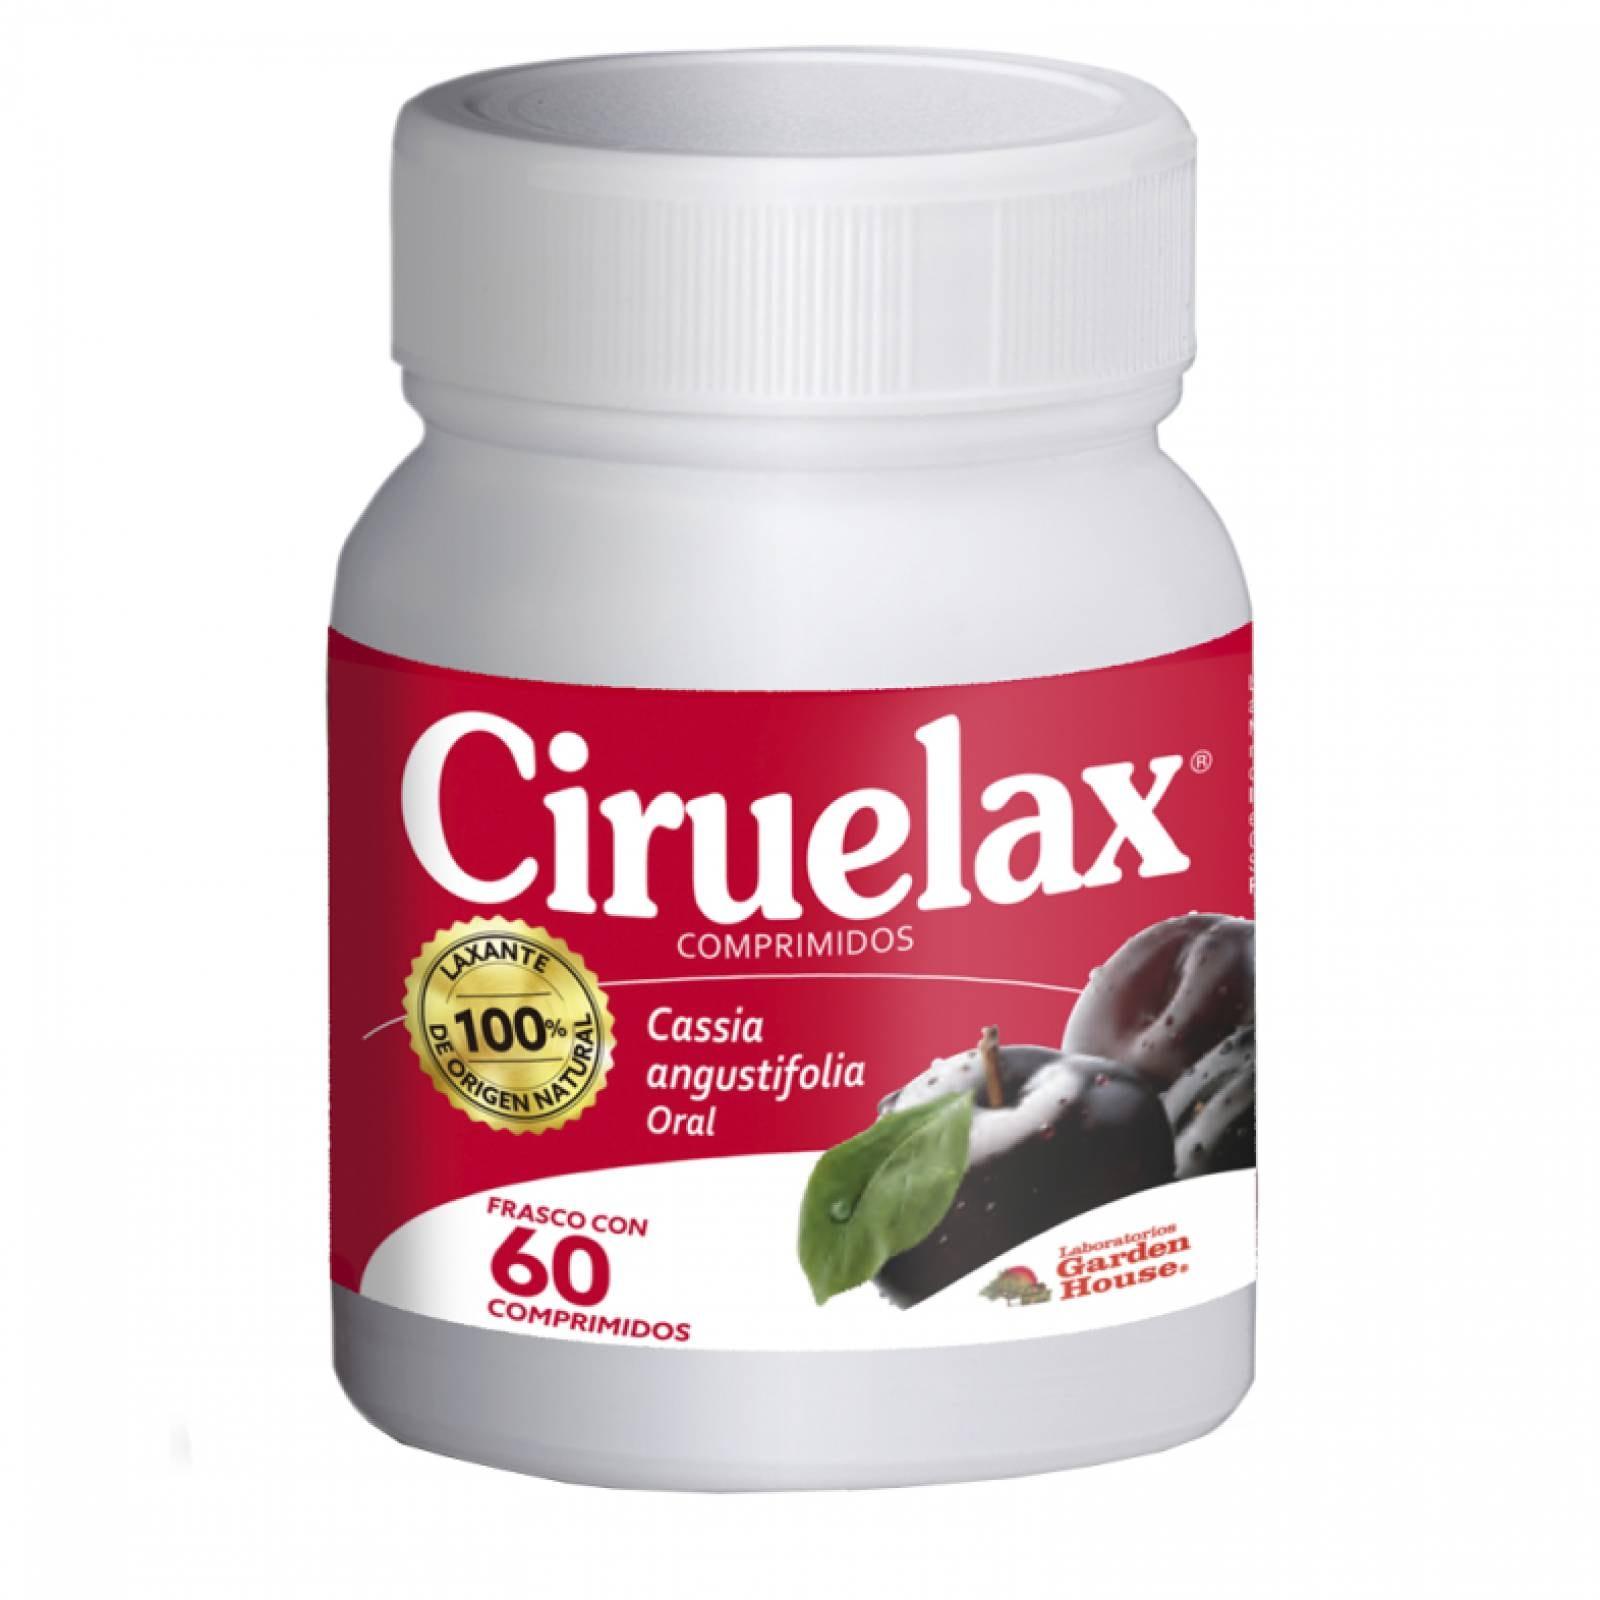 Pastillas Laxantes Estimulante Ciruelax 60 Comprimidos